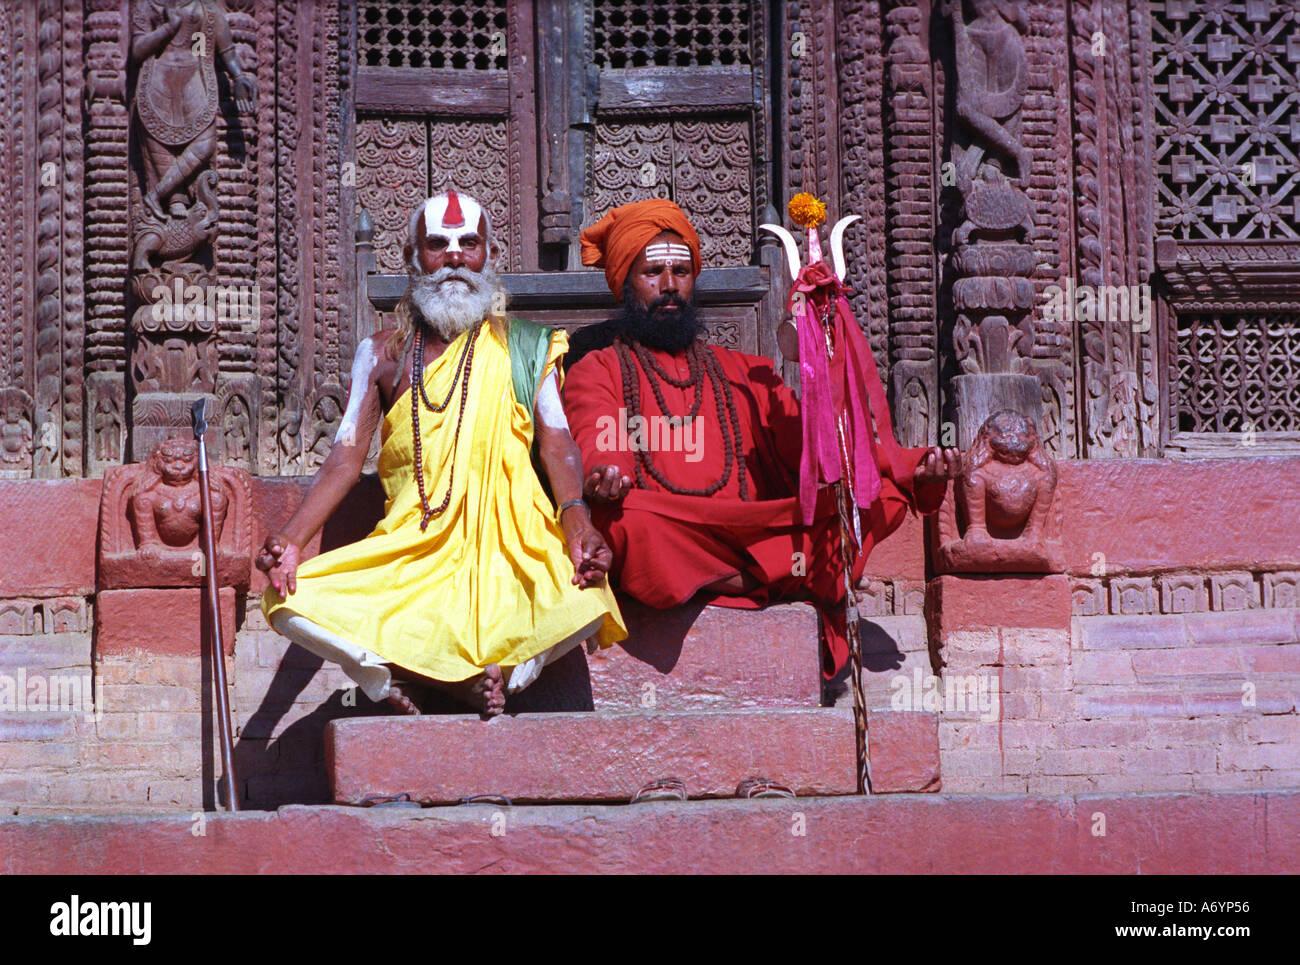 Colourful sadhus or holy men in Kathmandhu Nepal - Stock Image